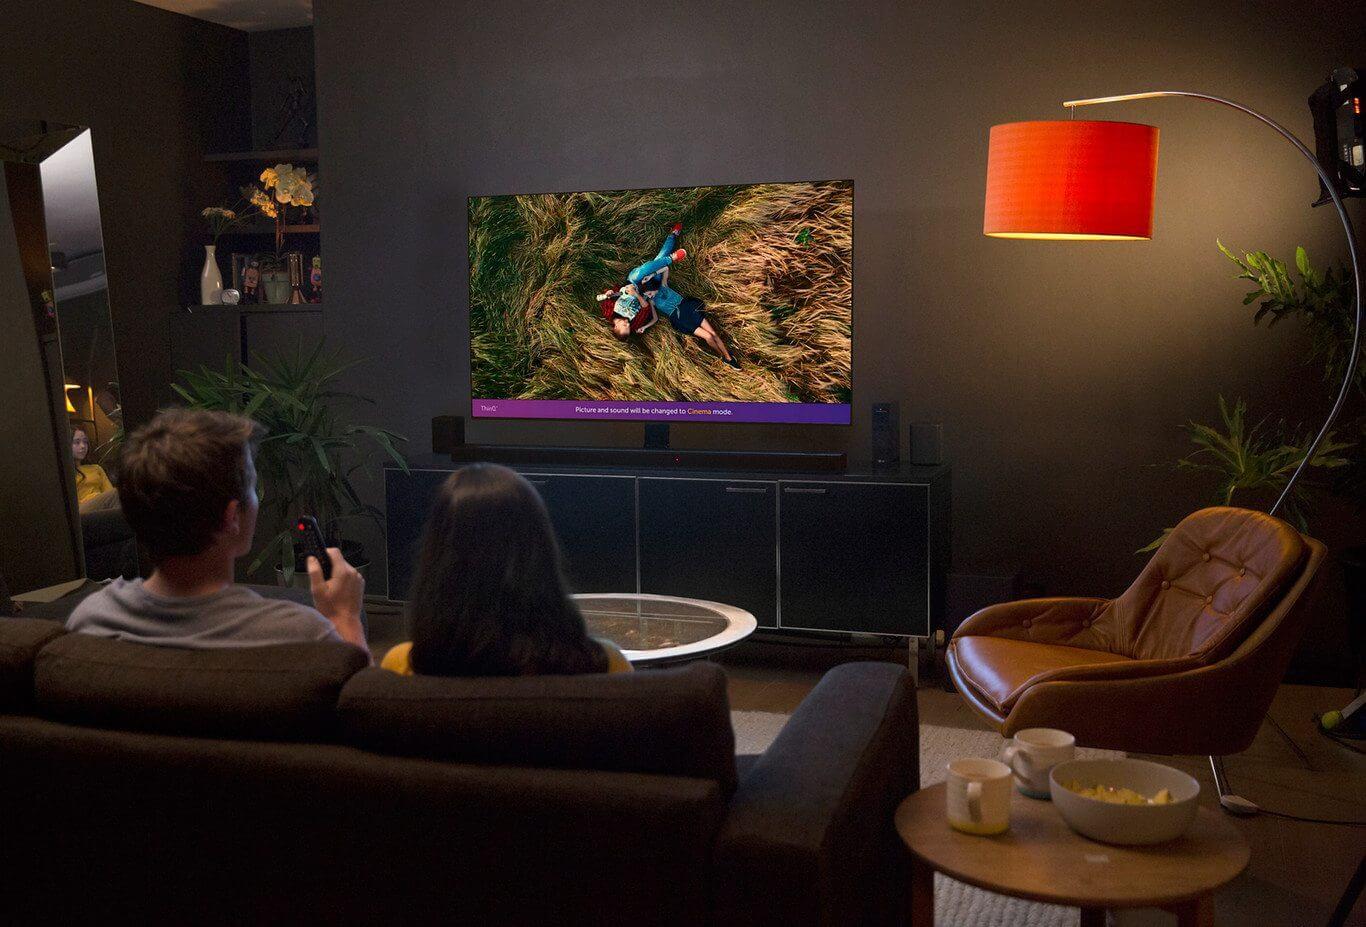 TVs da LG poderão ser controladas por voz com o Google Assistente